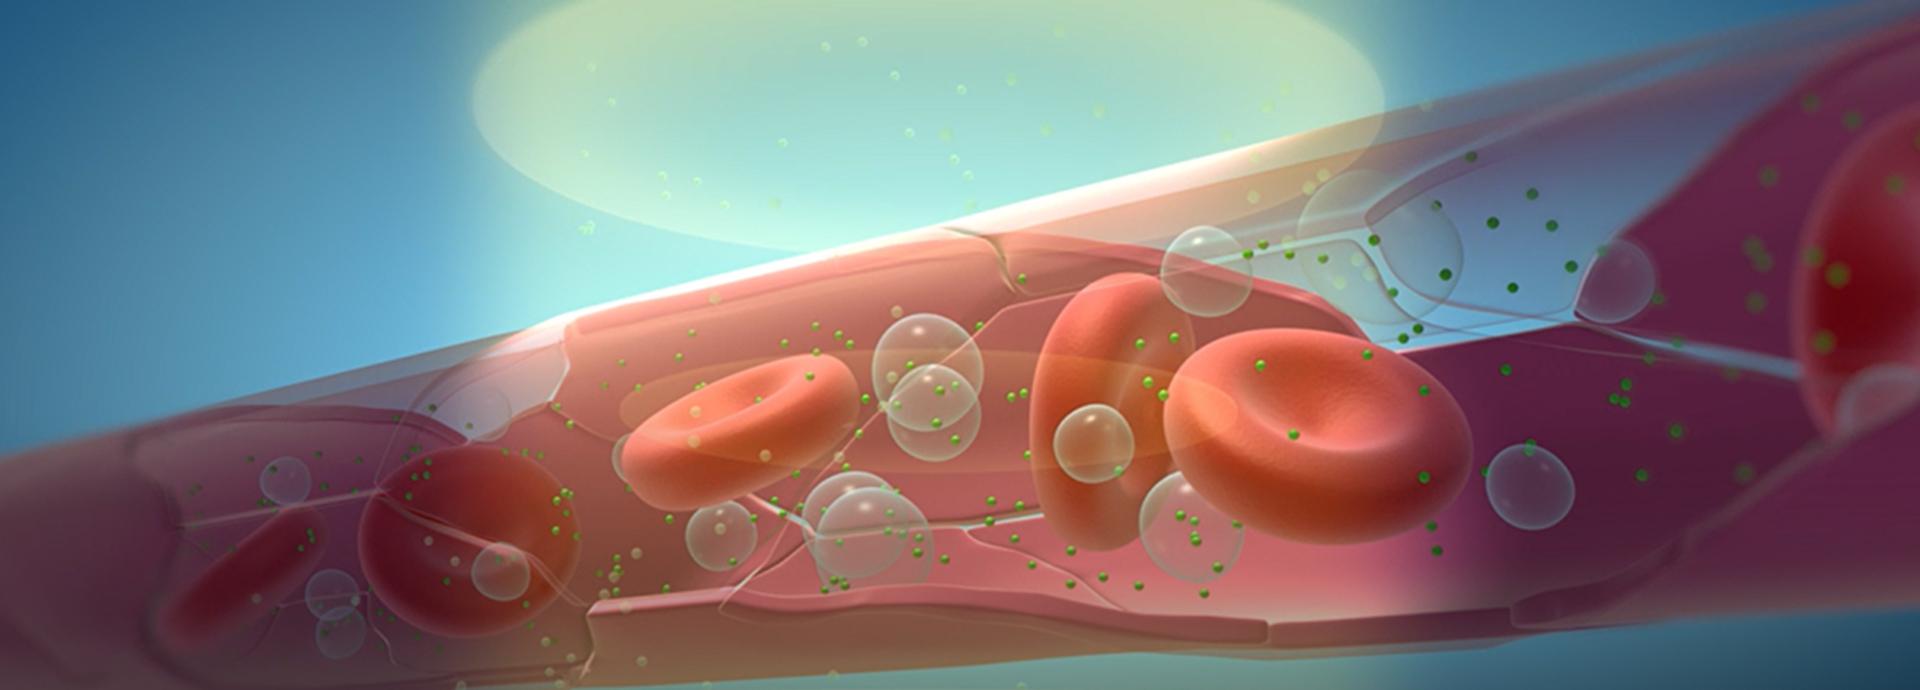 マイクロバブルと超音波により効果的で副作用の少ないDDSを開発